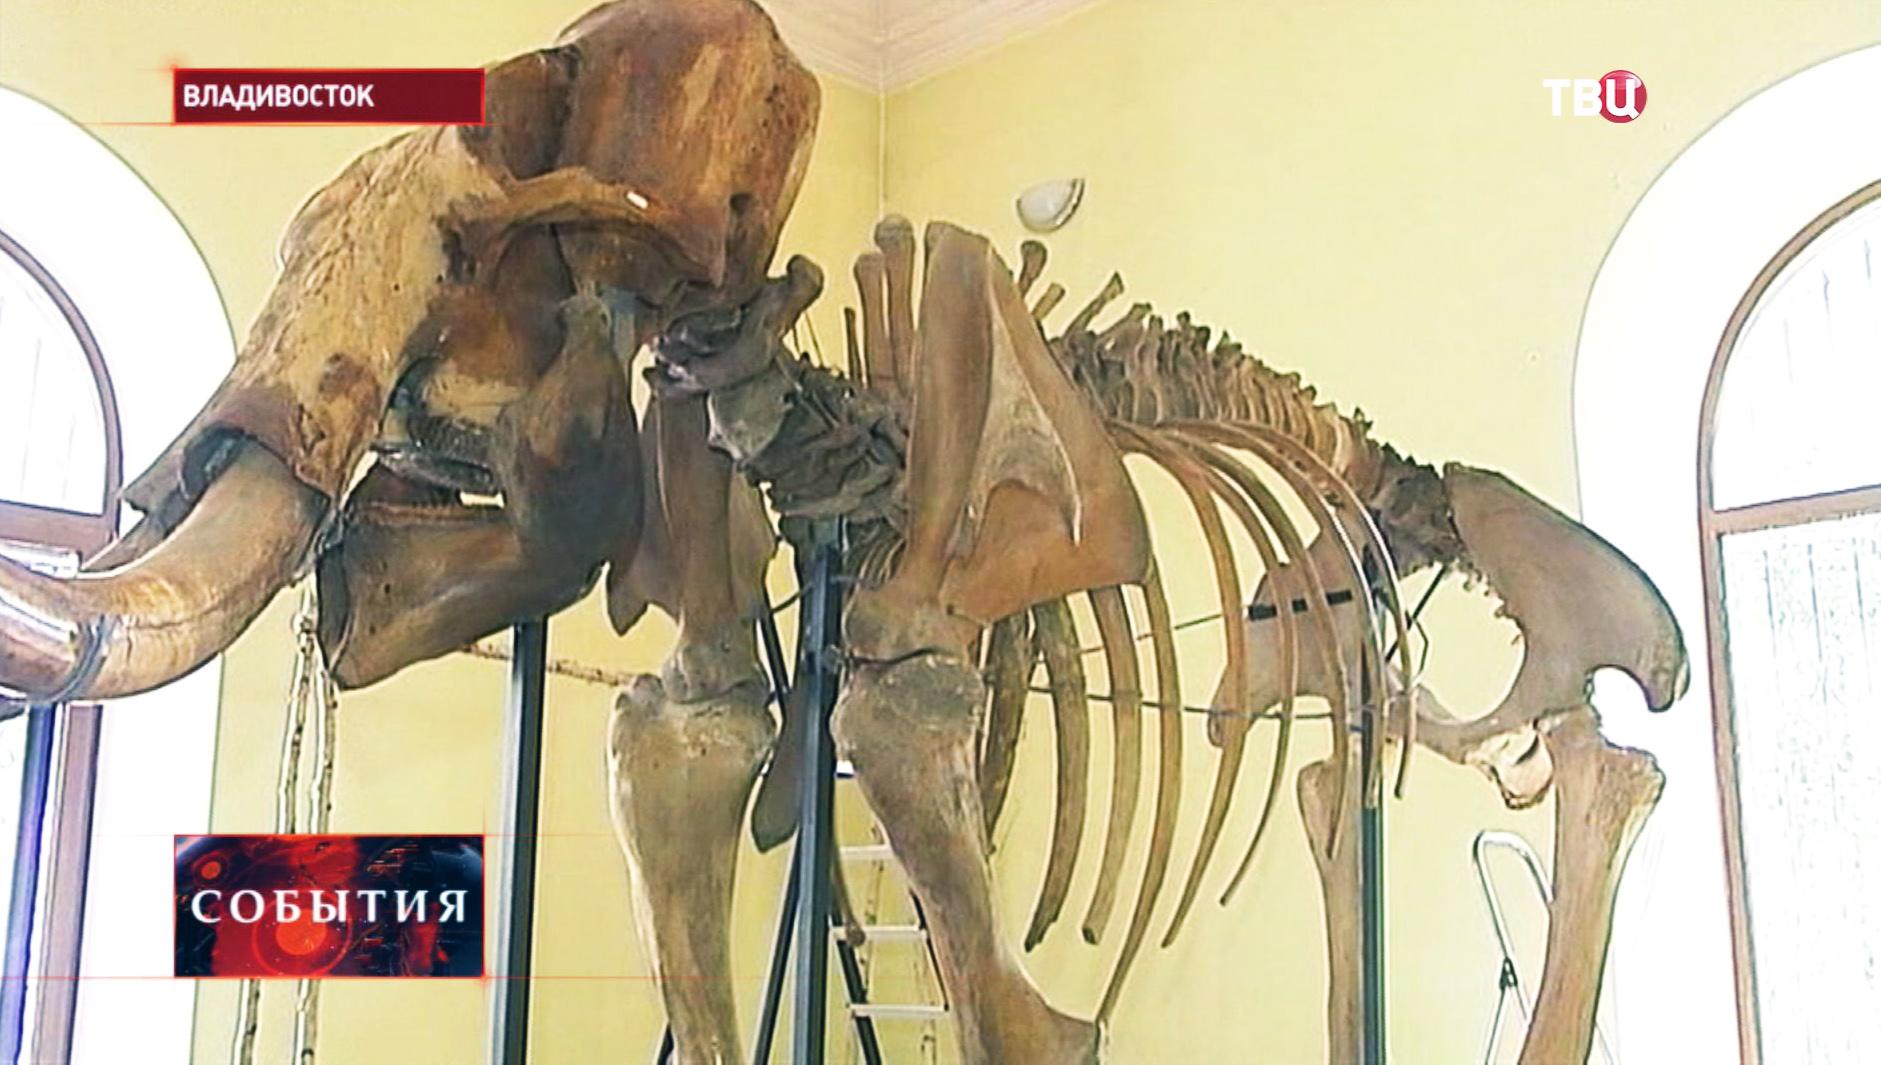 Скелет взрослого мамонта на выставке во Владивостоке